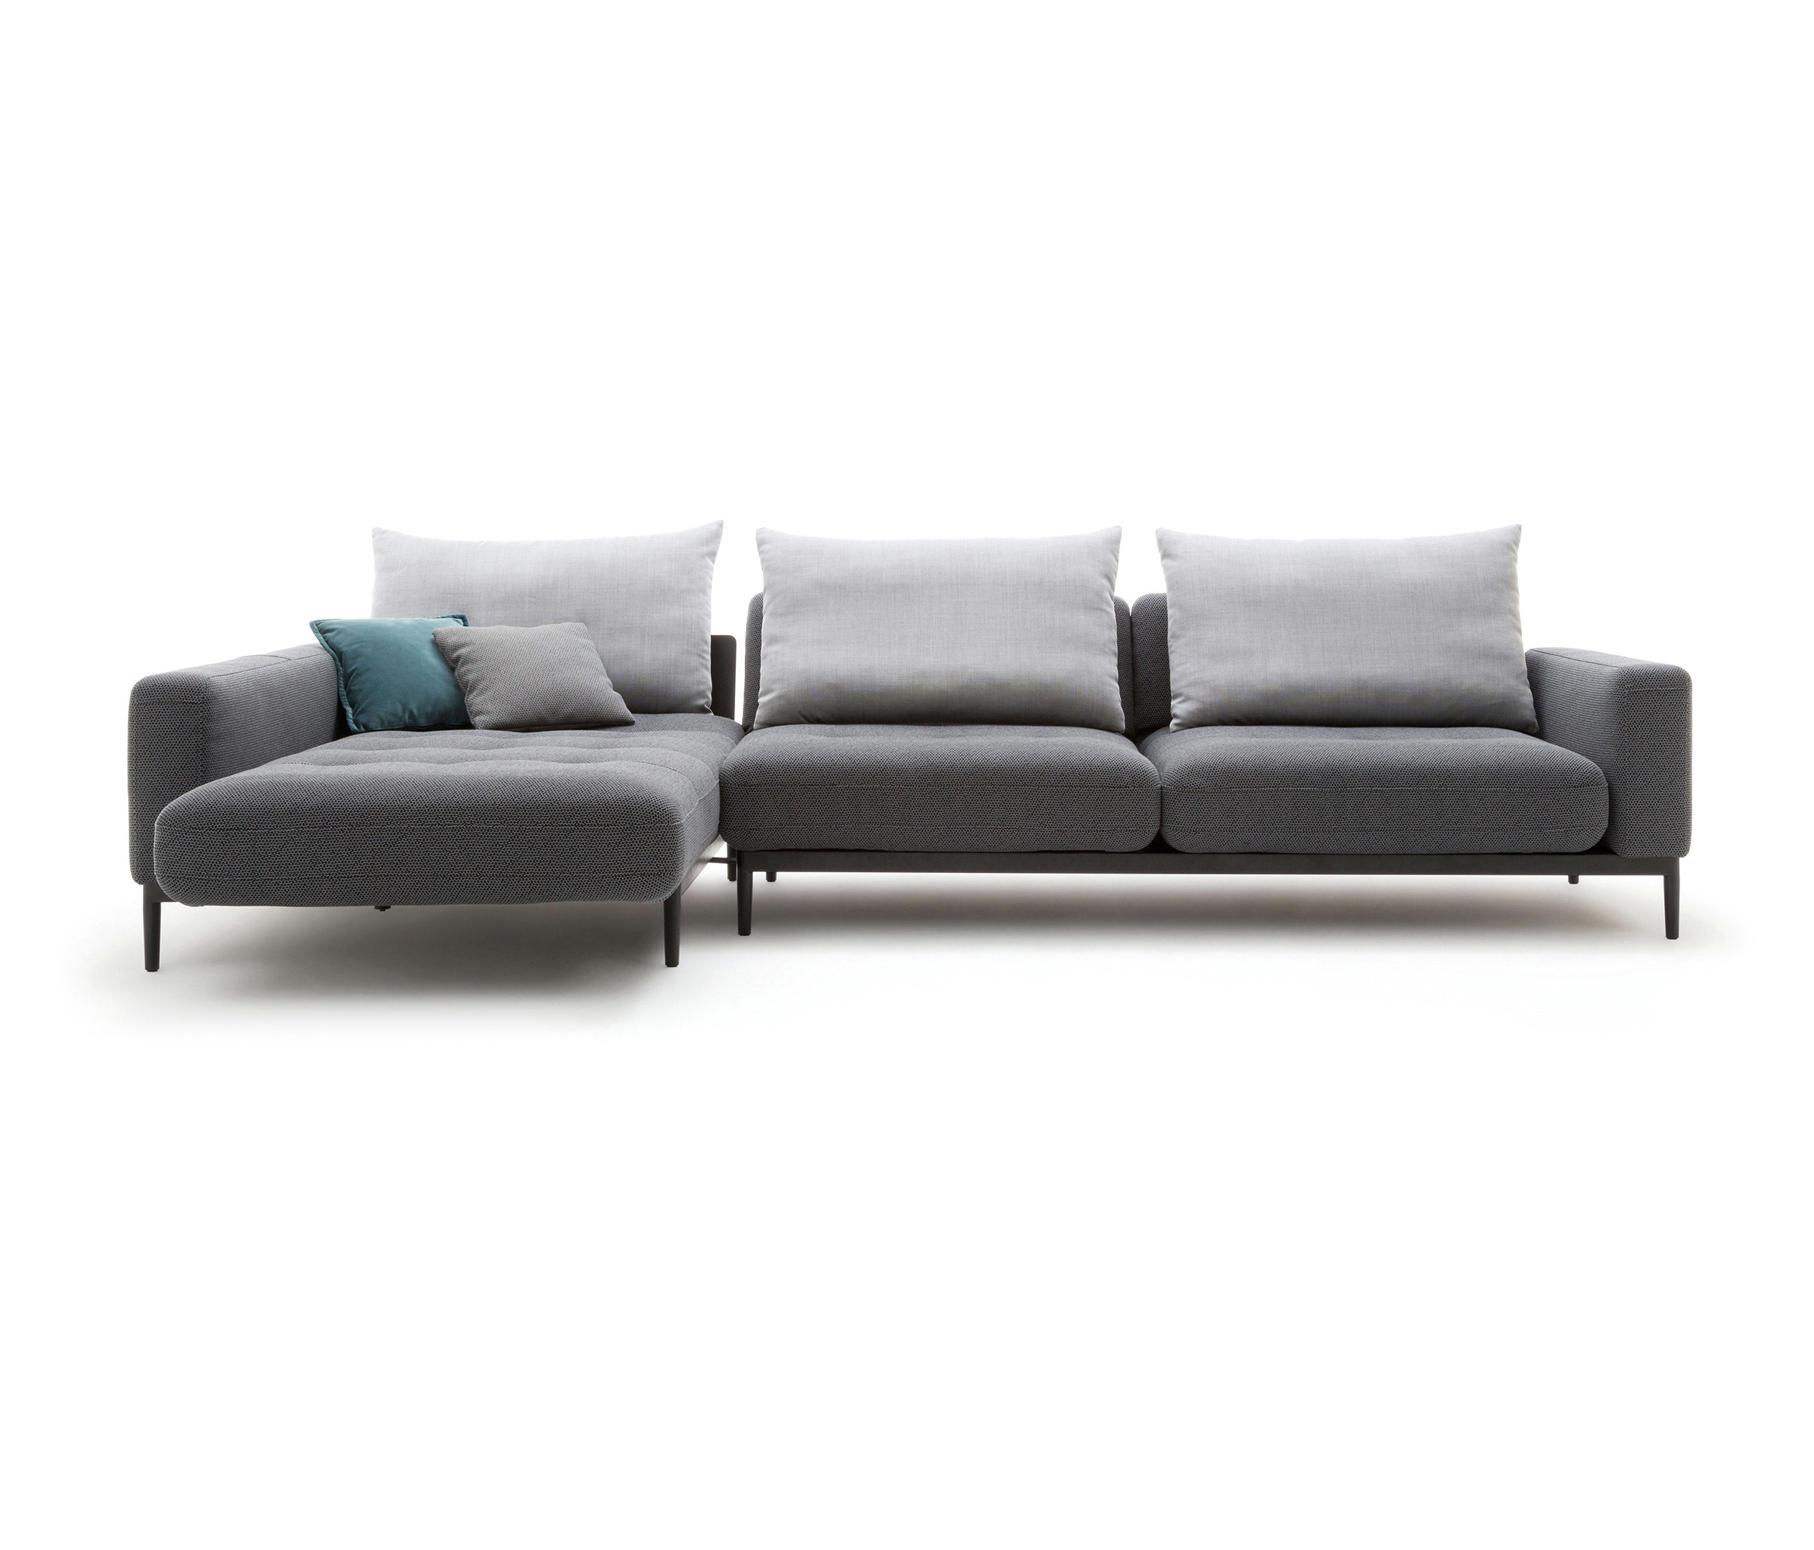 comfortable rolf benz sofa. Rolf Benz 370 TIRA By | Modular Sofa Systems Comfortable E